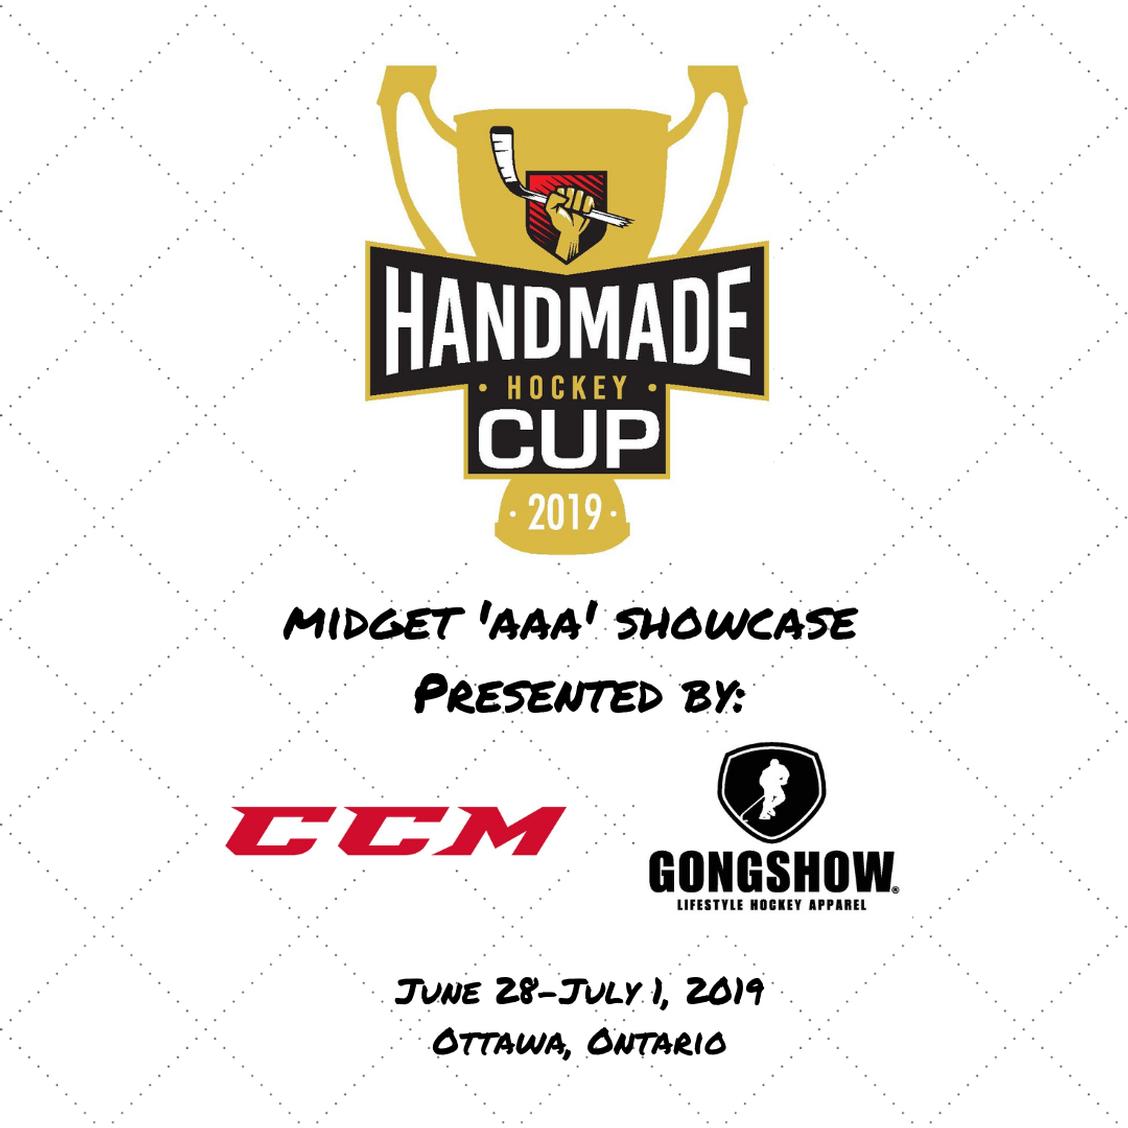 Hmh Cup 2019